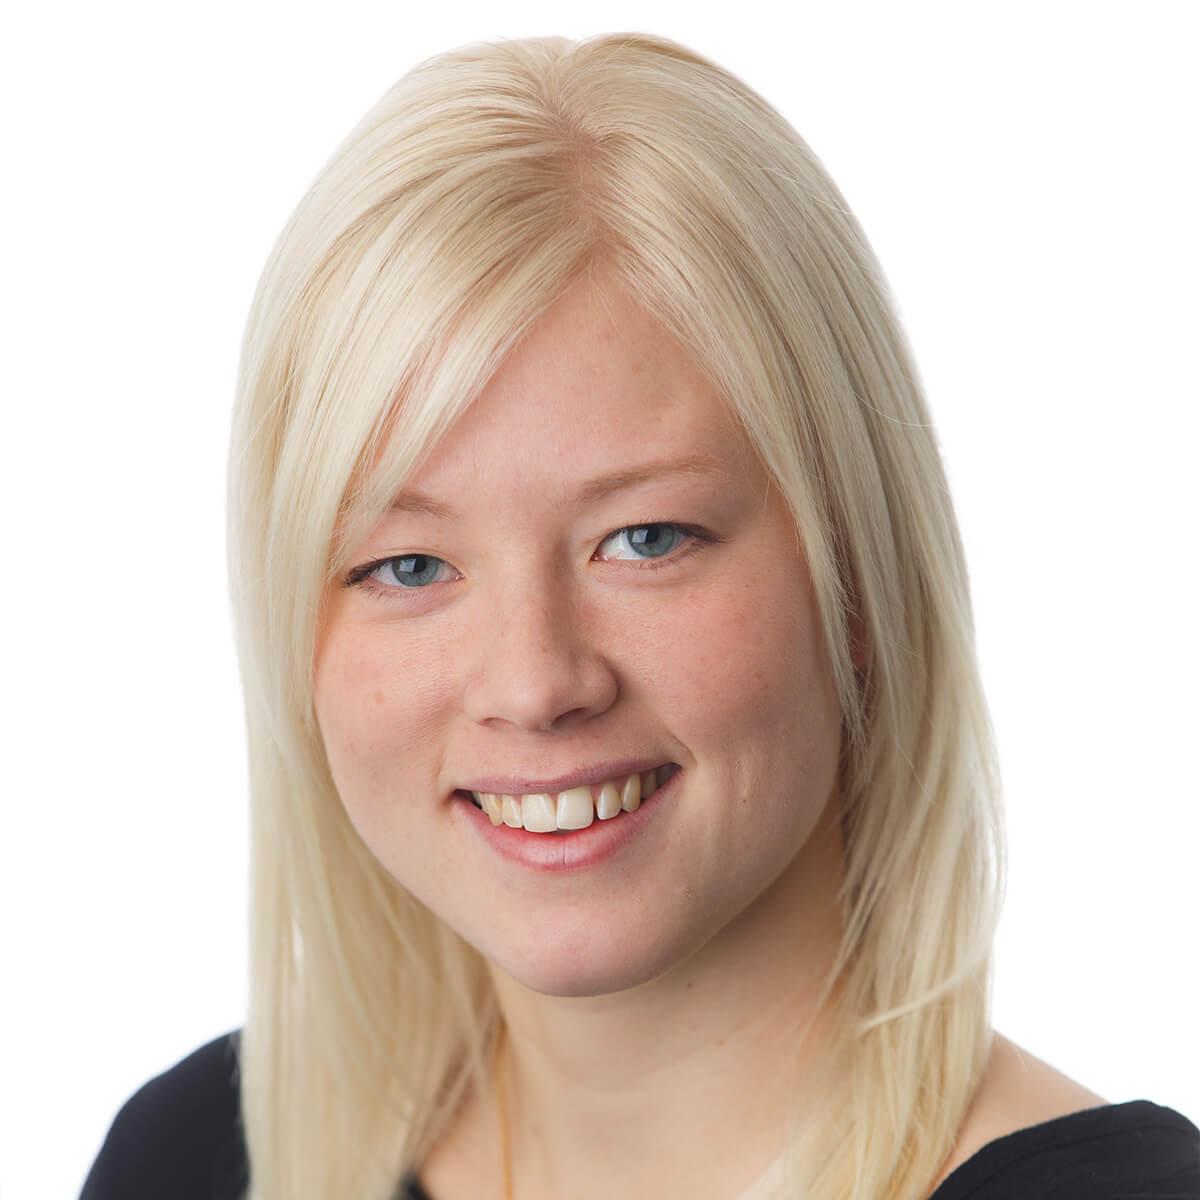 Sofie Lejon